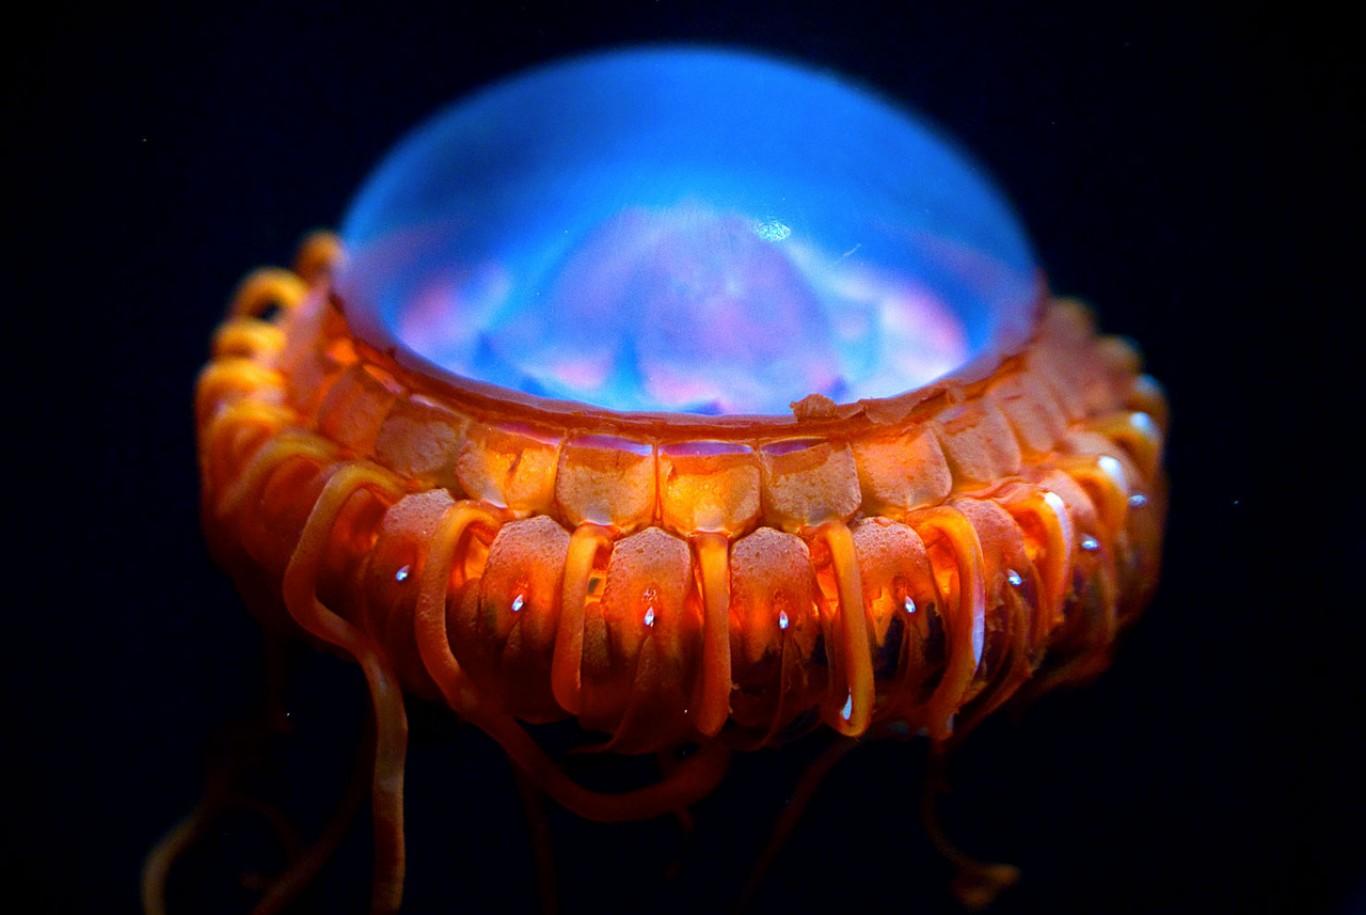 life_in_the_abyss_by_alien_dreams-d48ulu2.jpg